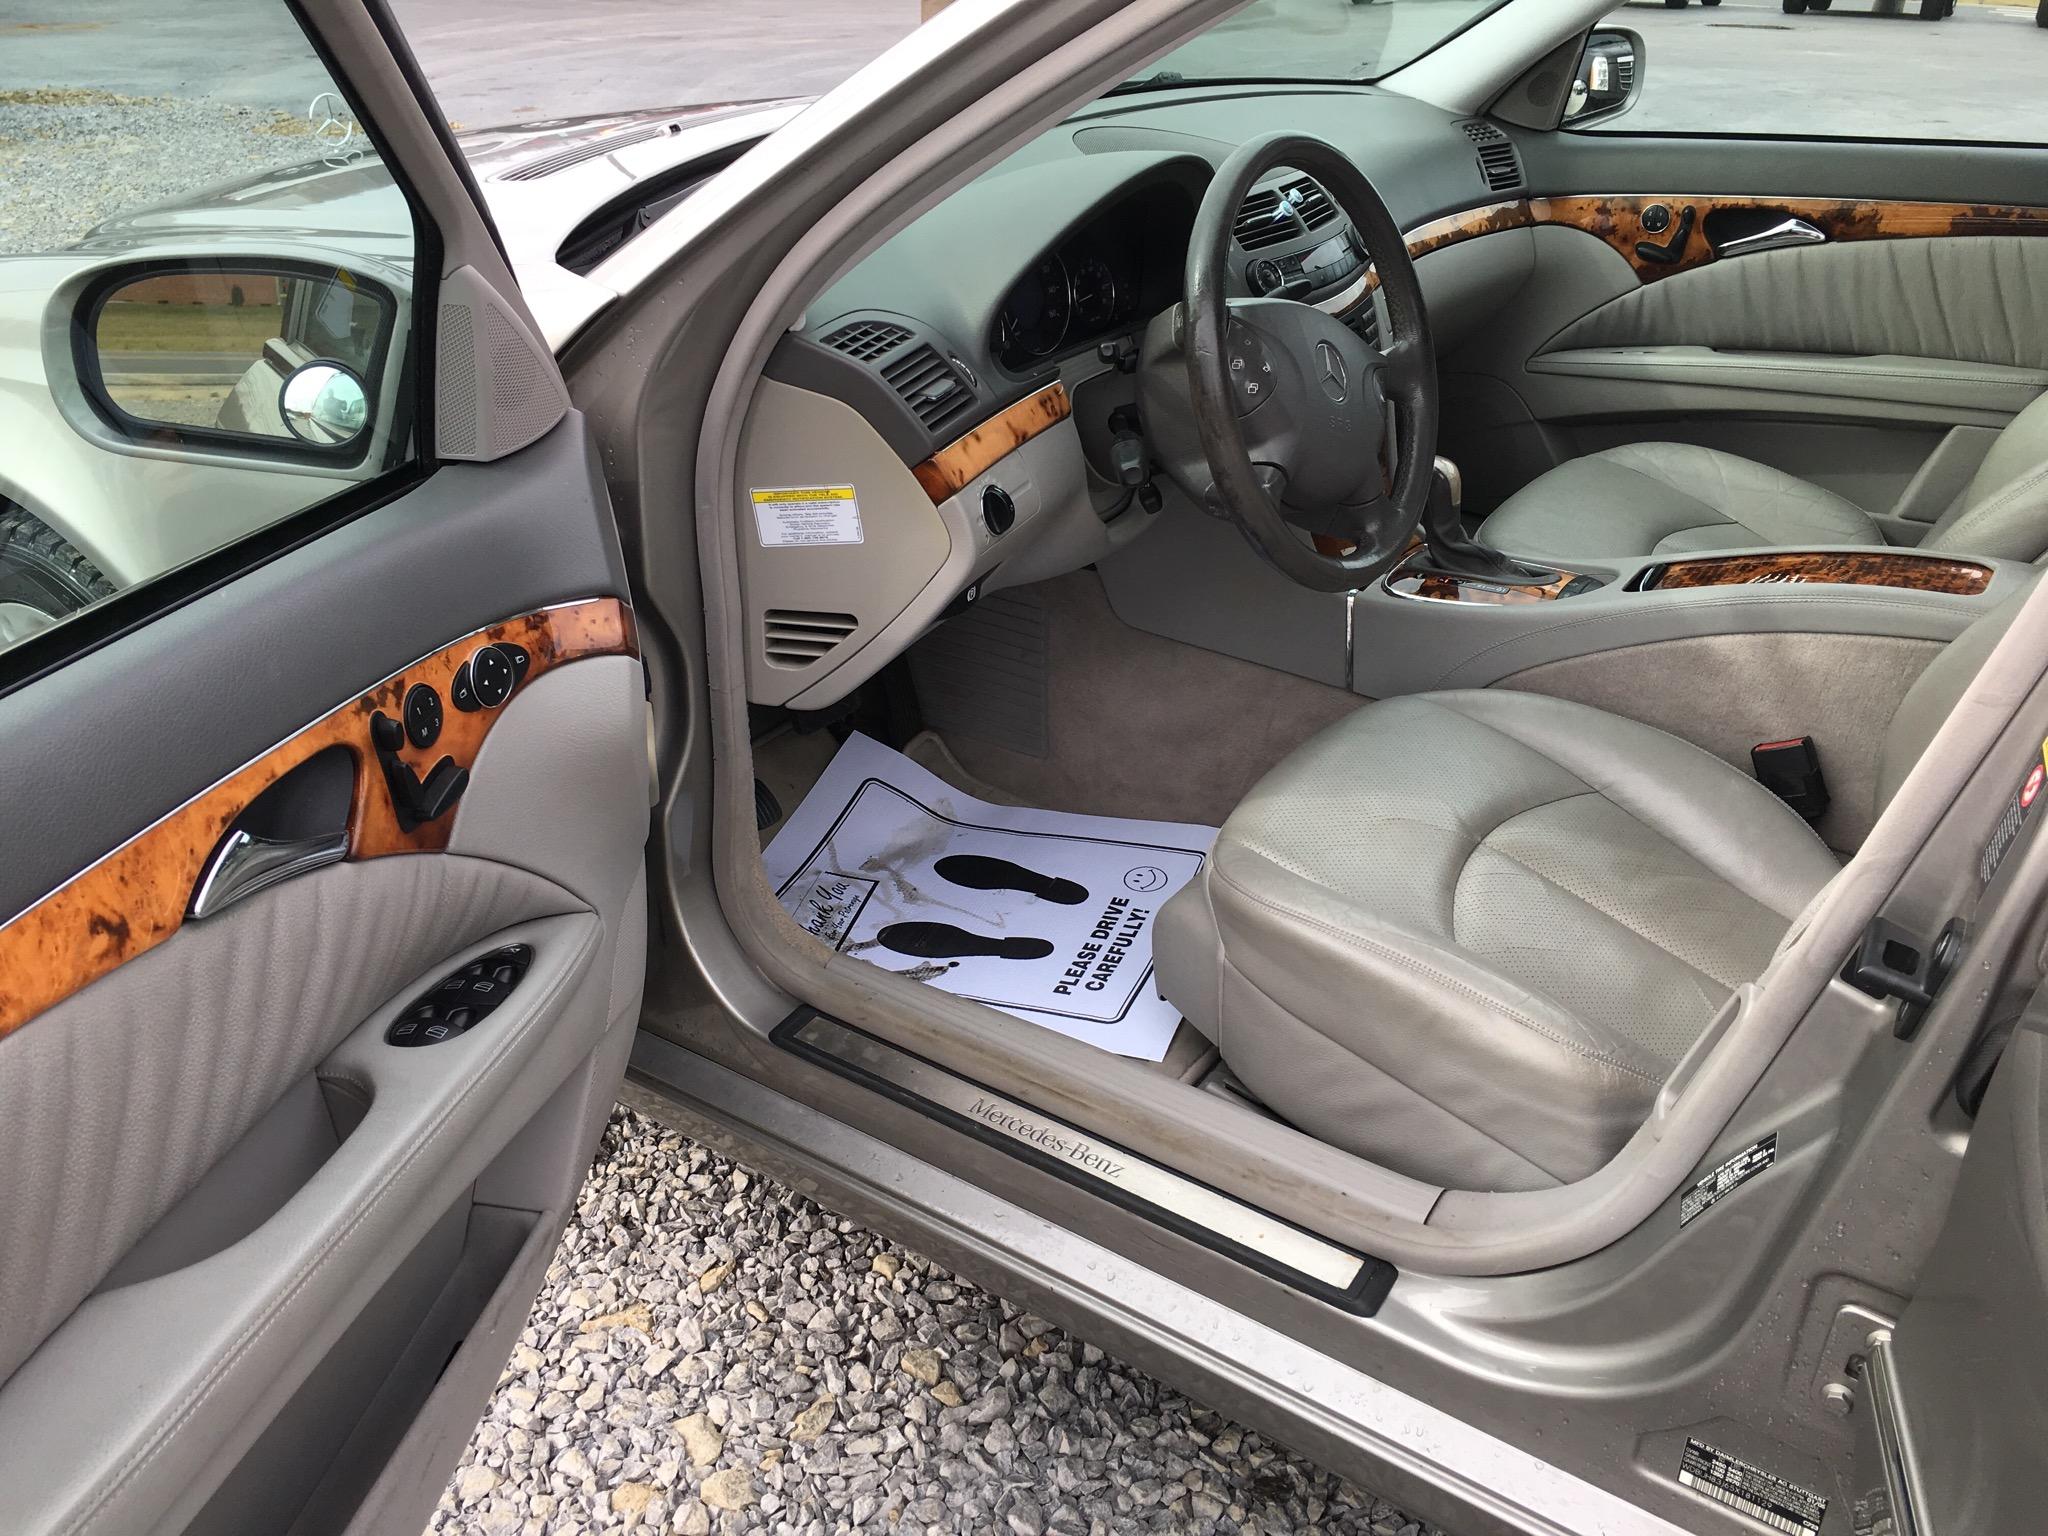 2005 MERCEDES-BENZ E500 WAGON